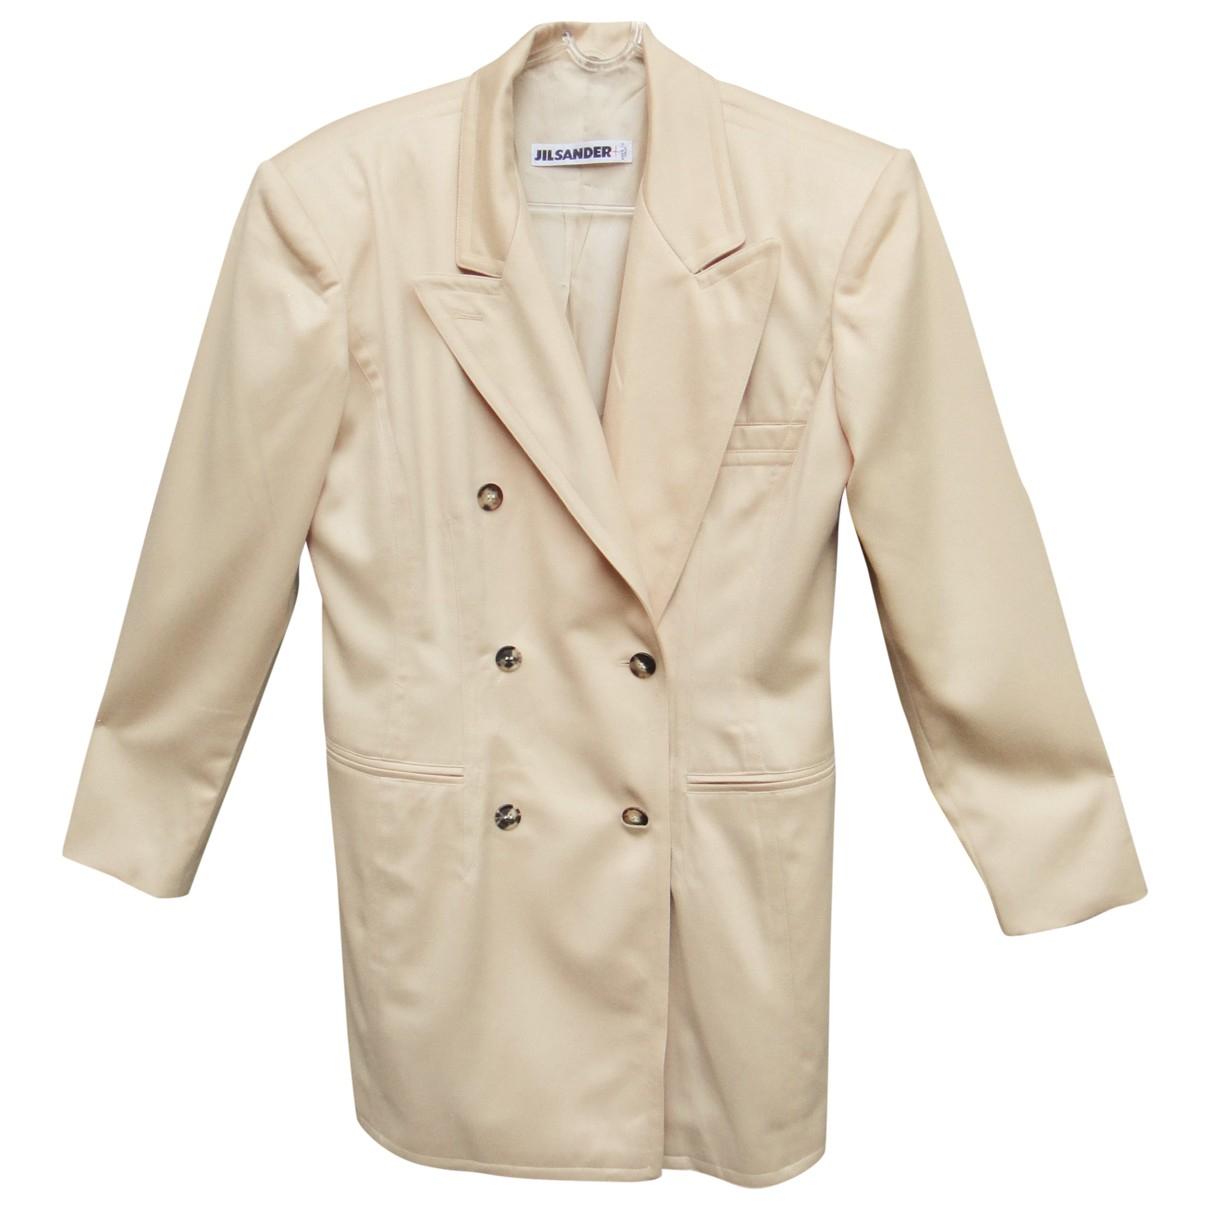 Jil Sander \N Beige Wool jacket for Women 38 FR